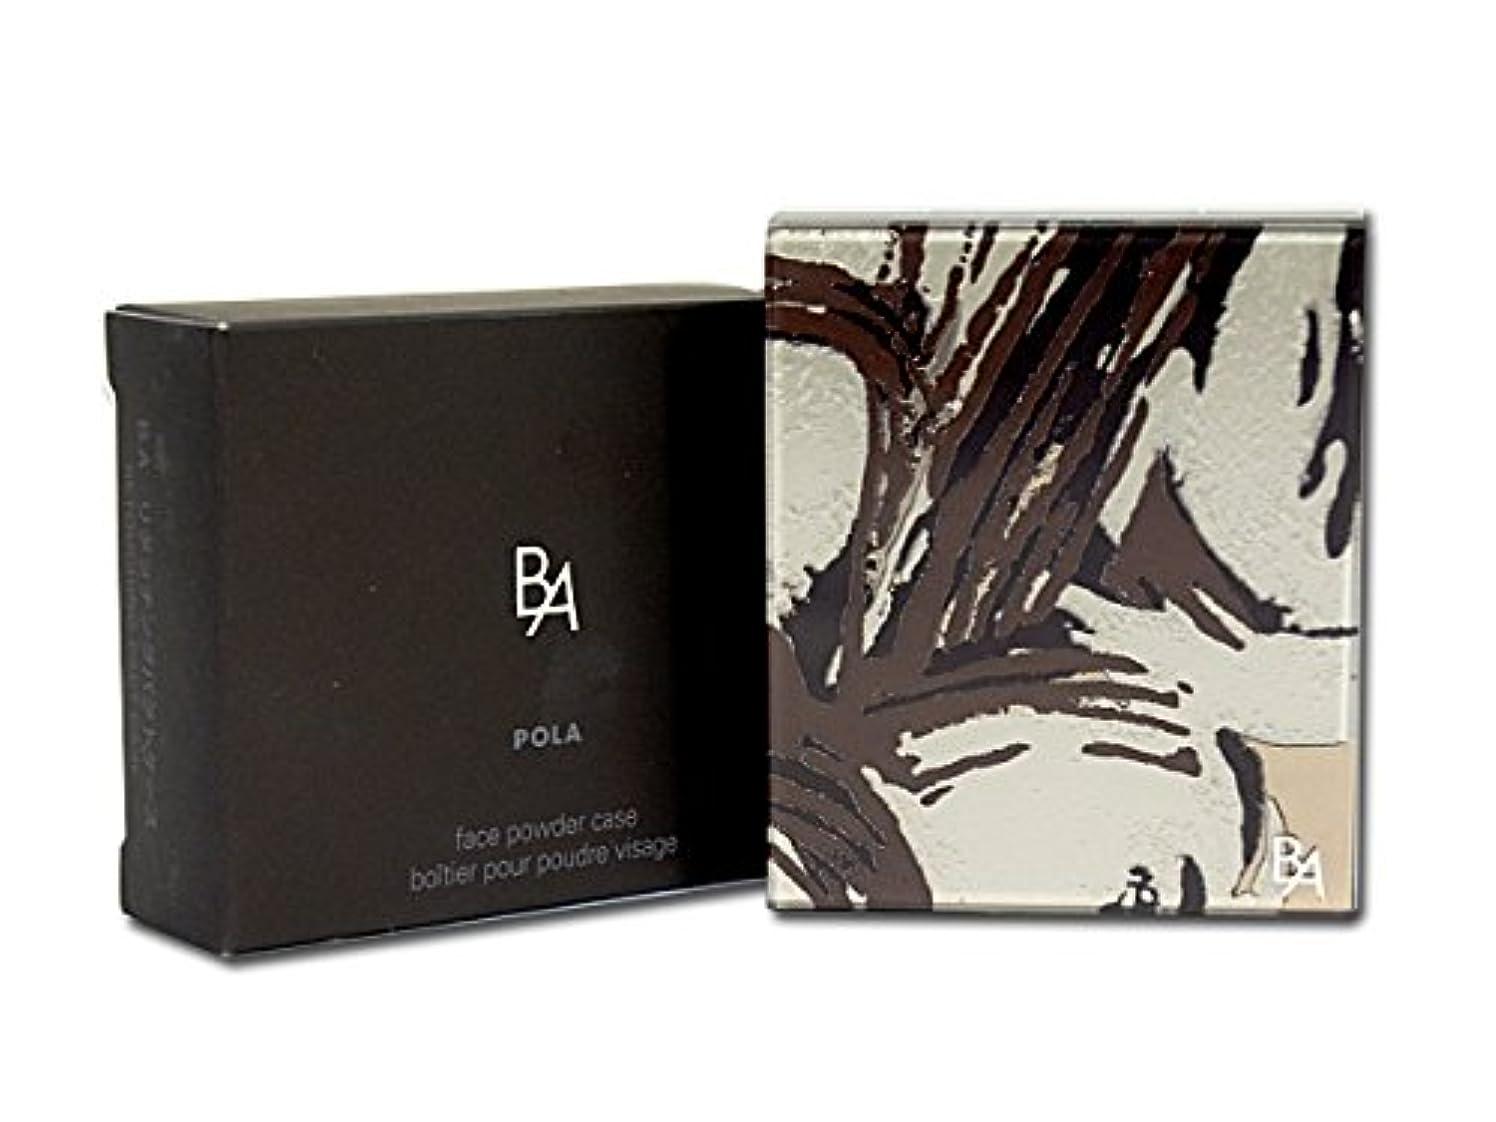 ブランド名有彩色の池POLA / ポーラ B.A リタッチングパクトケース(専用ケース)